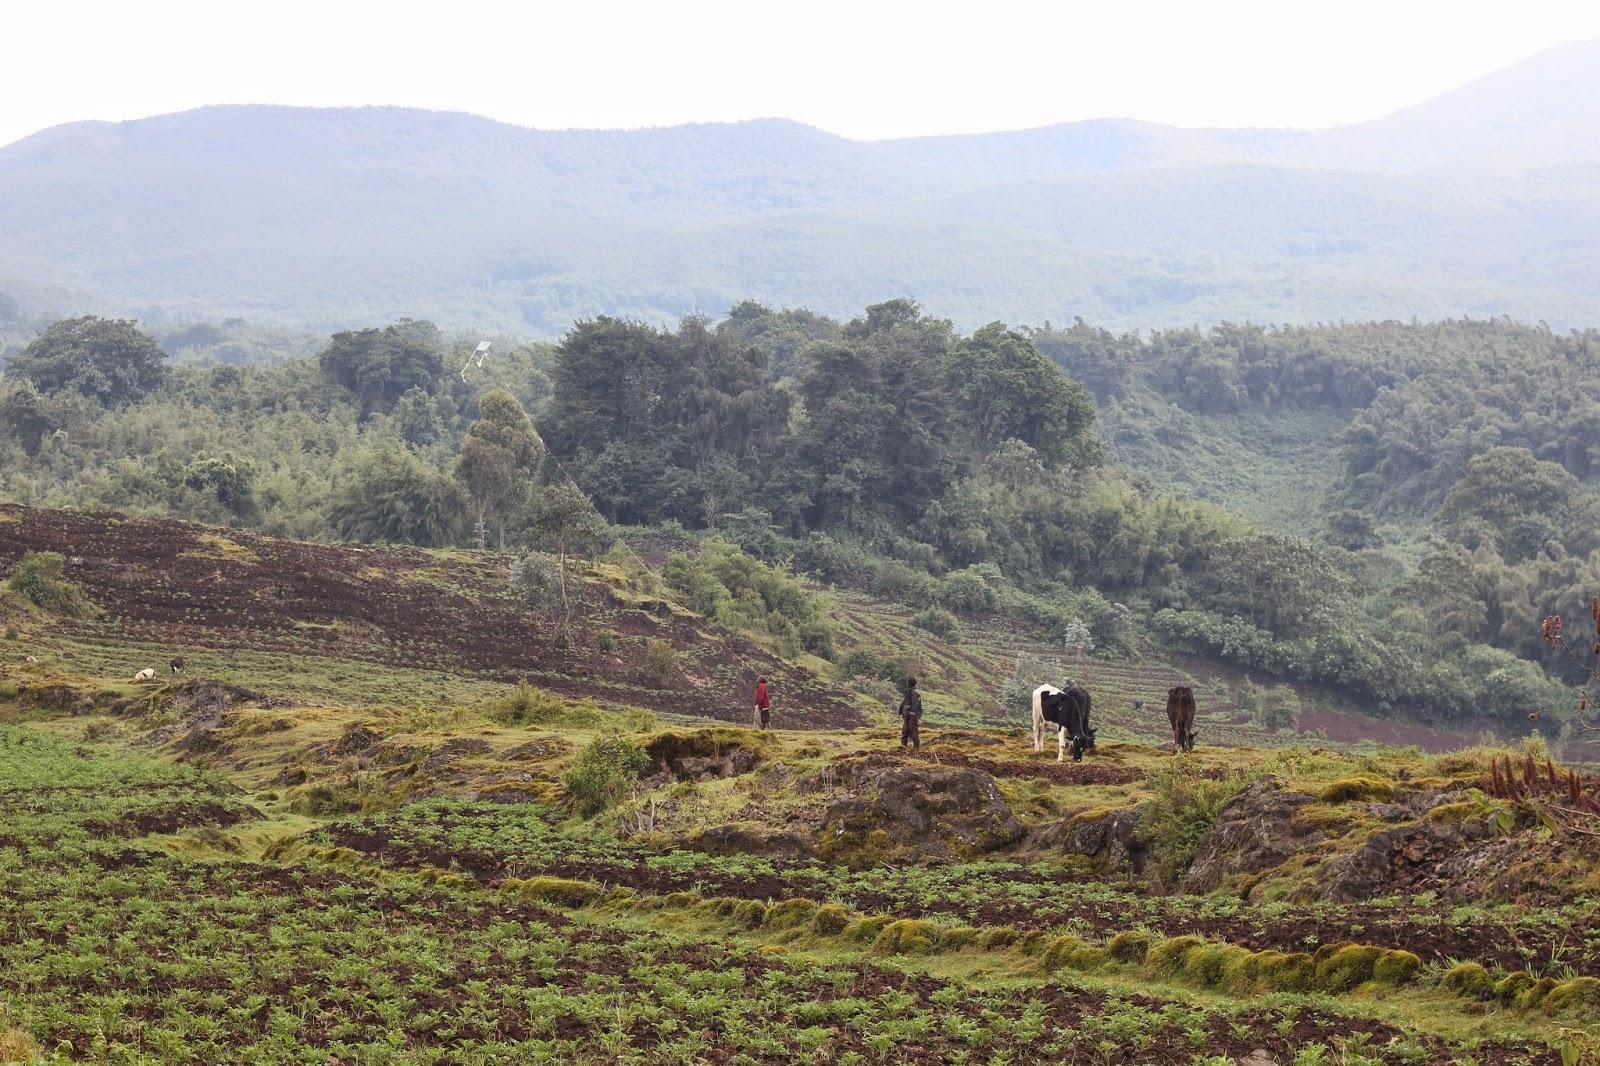 Rwandan countryside and landscape